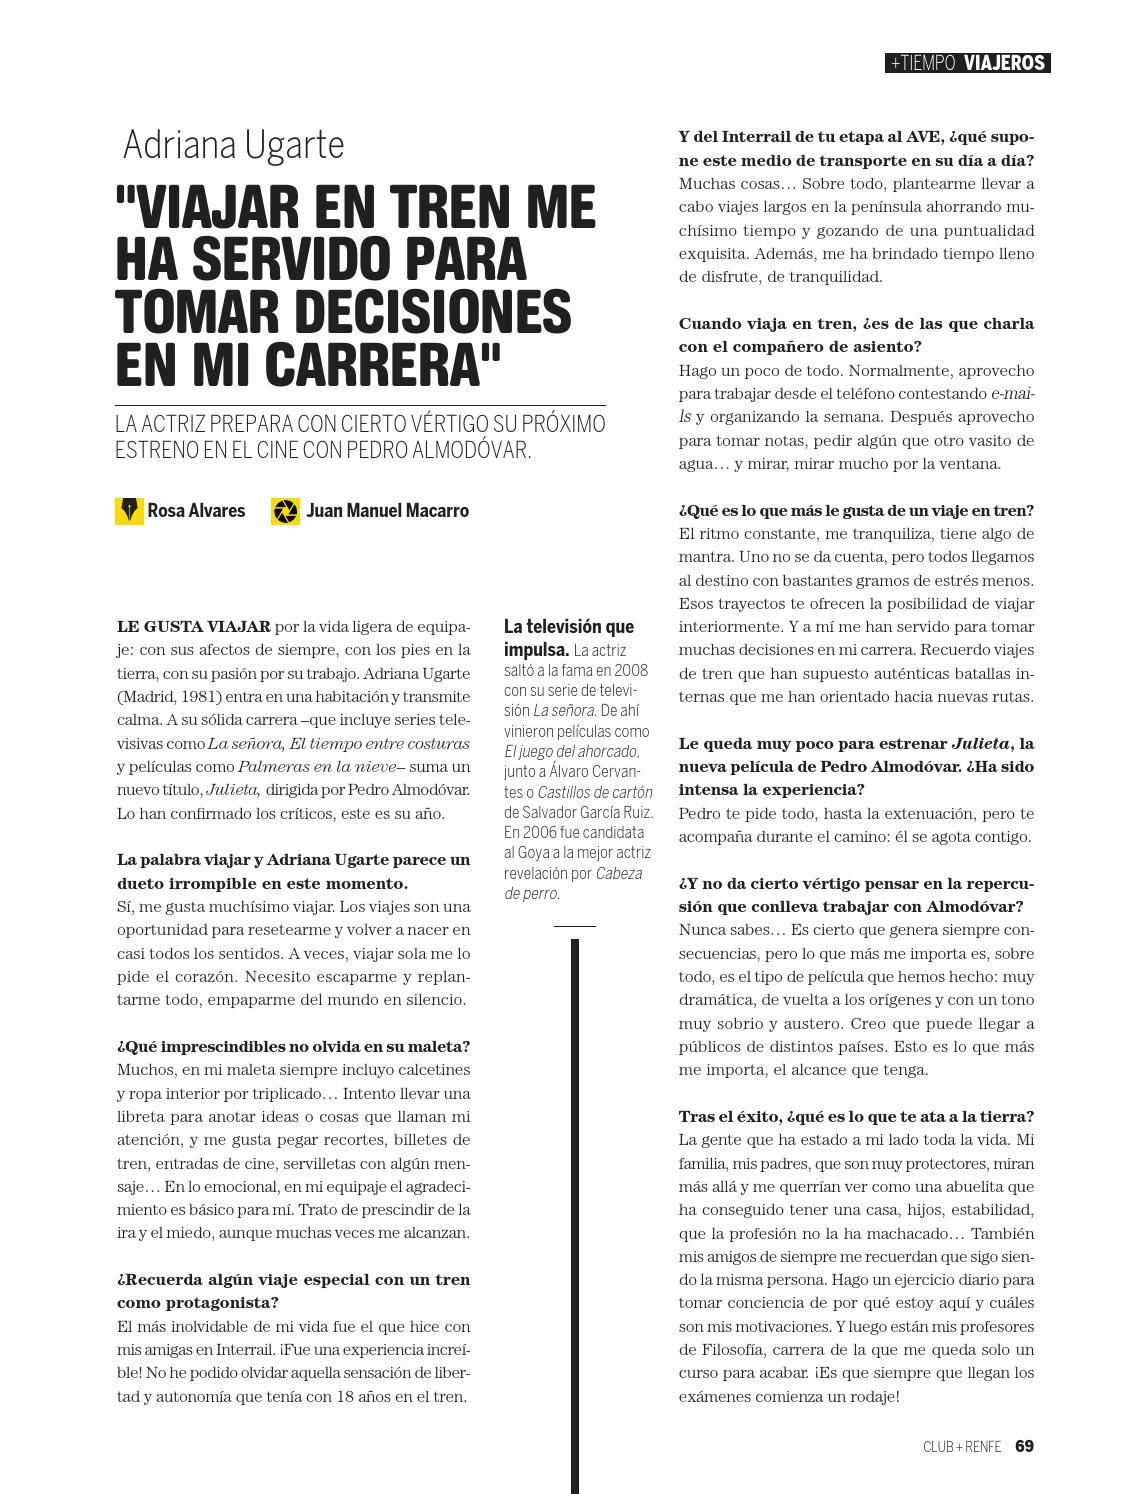 Adriana Ugarte Castillos De Carton club renfe nº1factoría prisa noticias - issuu